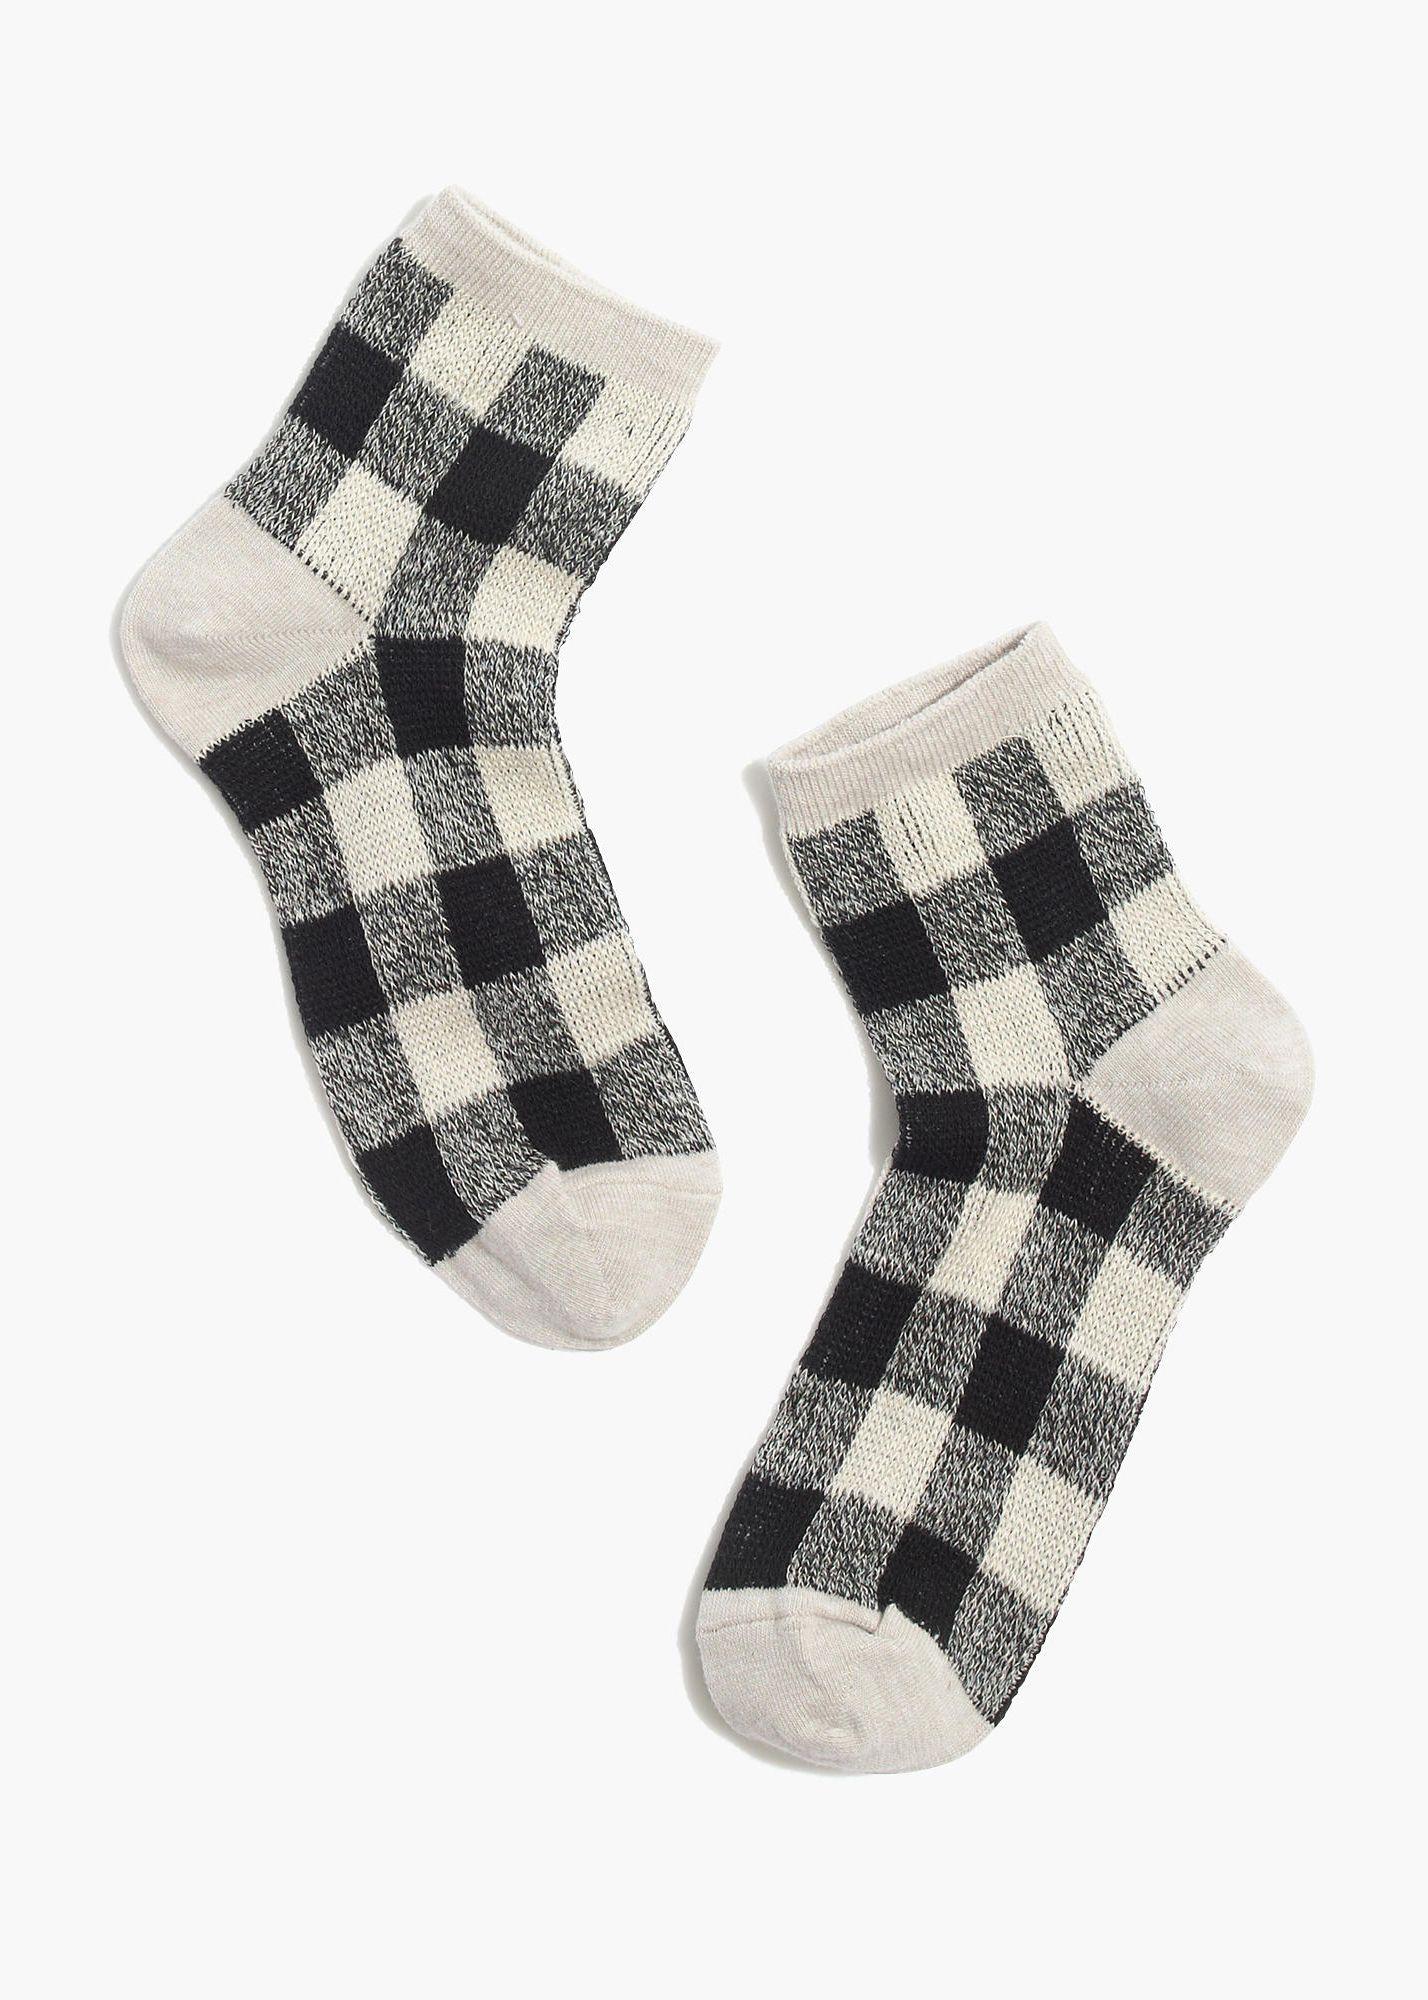 Buffalo Check Ankle Socks Fashion Socks Socks And Hosiery Sock Outfits